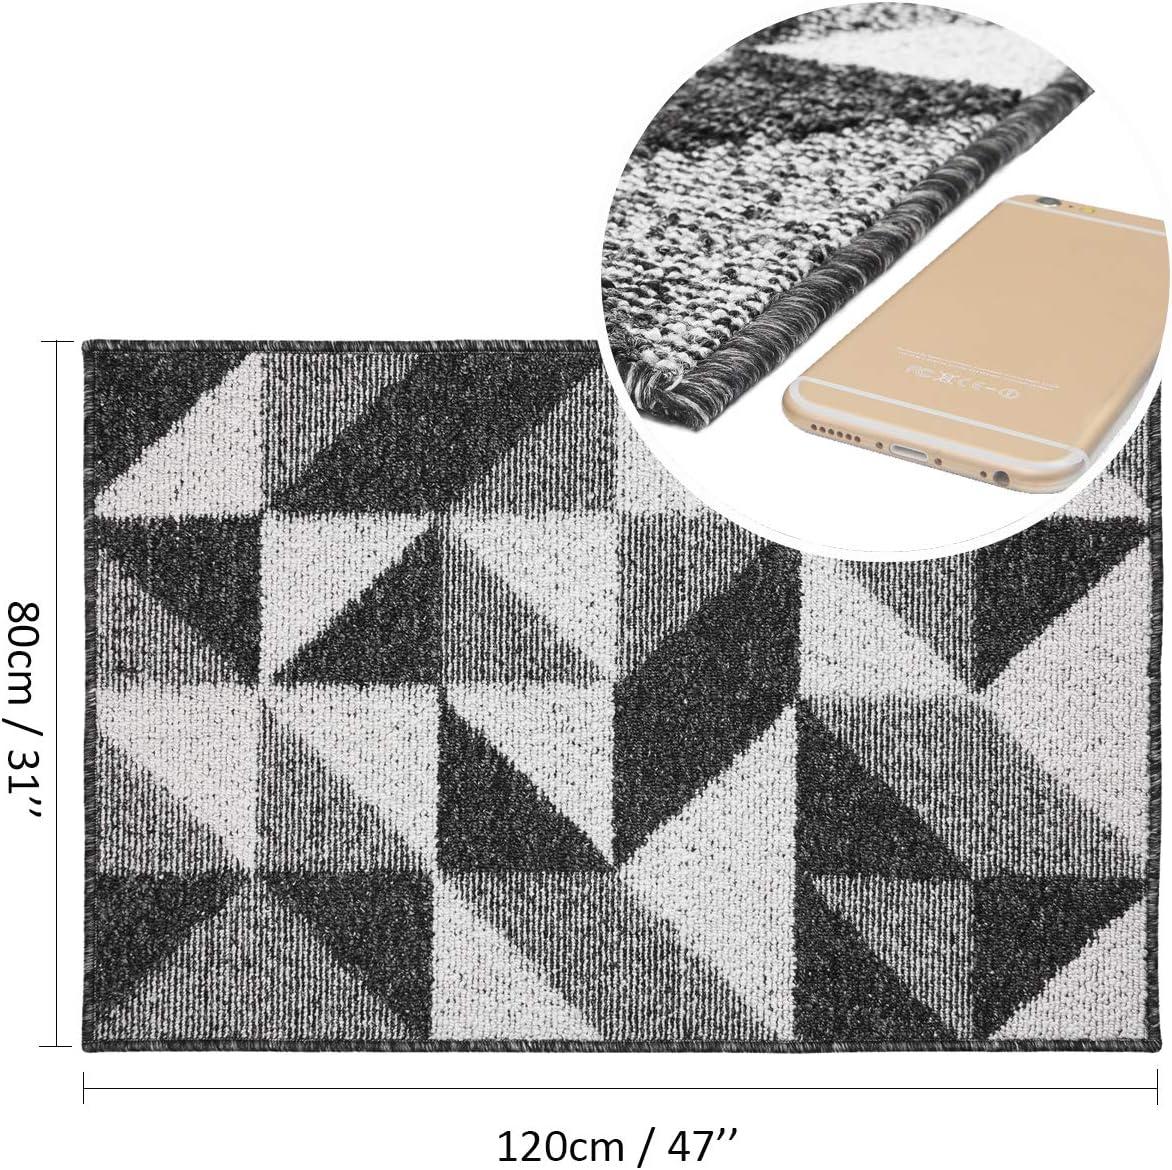 50X80cm, Black-Maze Pauwer Indoor Front Door Mat Non Slip Durable Doormats Entry Rug Low-Profile Resist Dirt Shoes Scraper Inside Mat for Doorstep Hallway Entryway Kitchen Outdoor